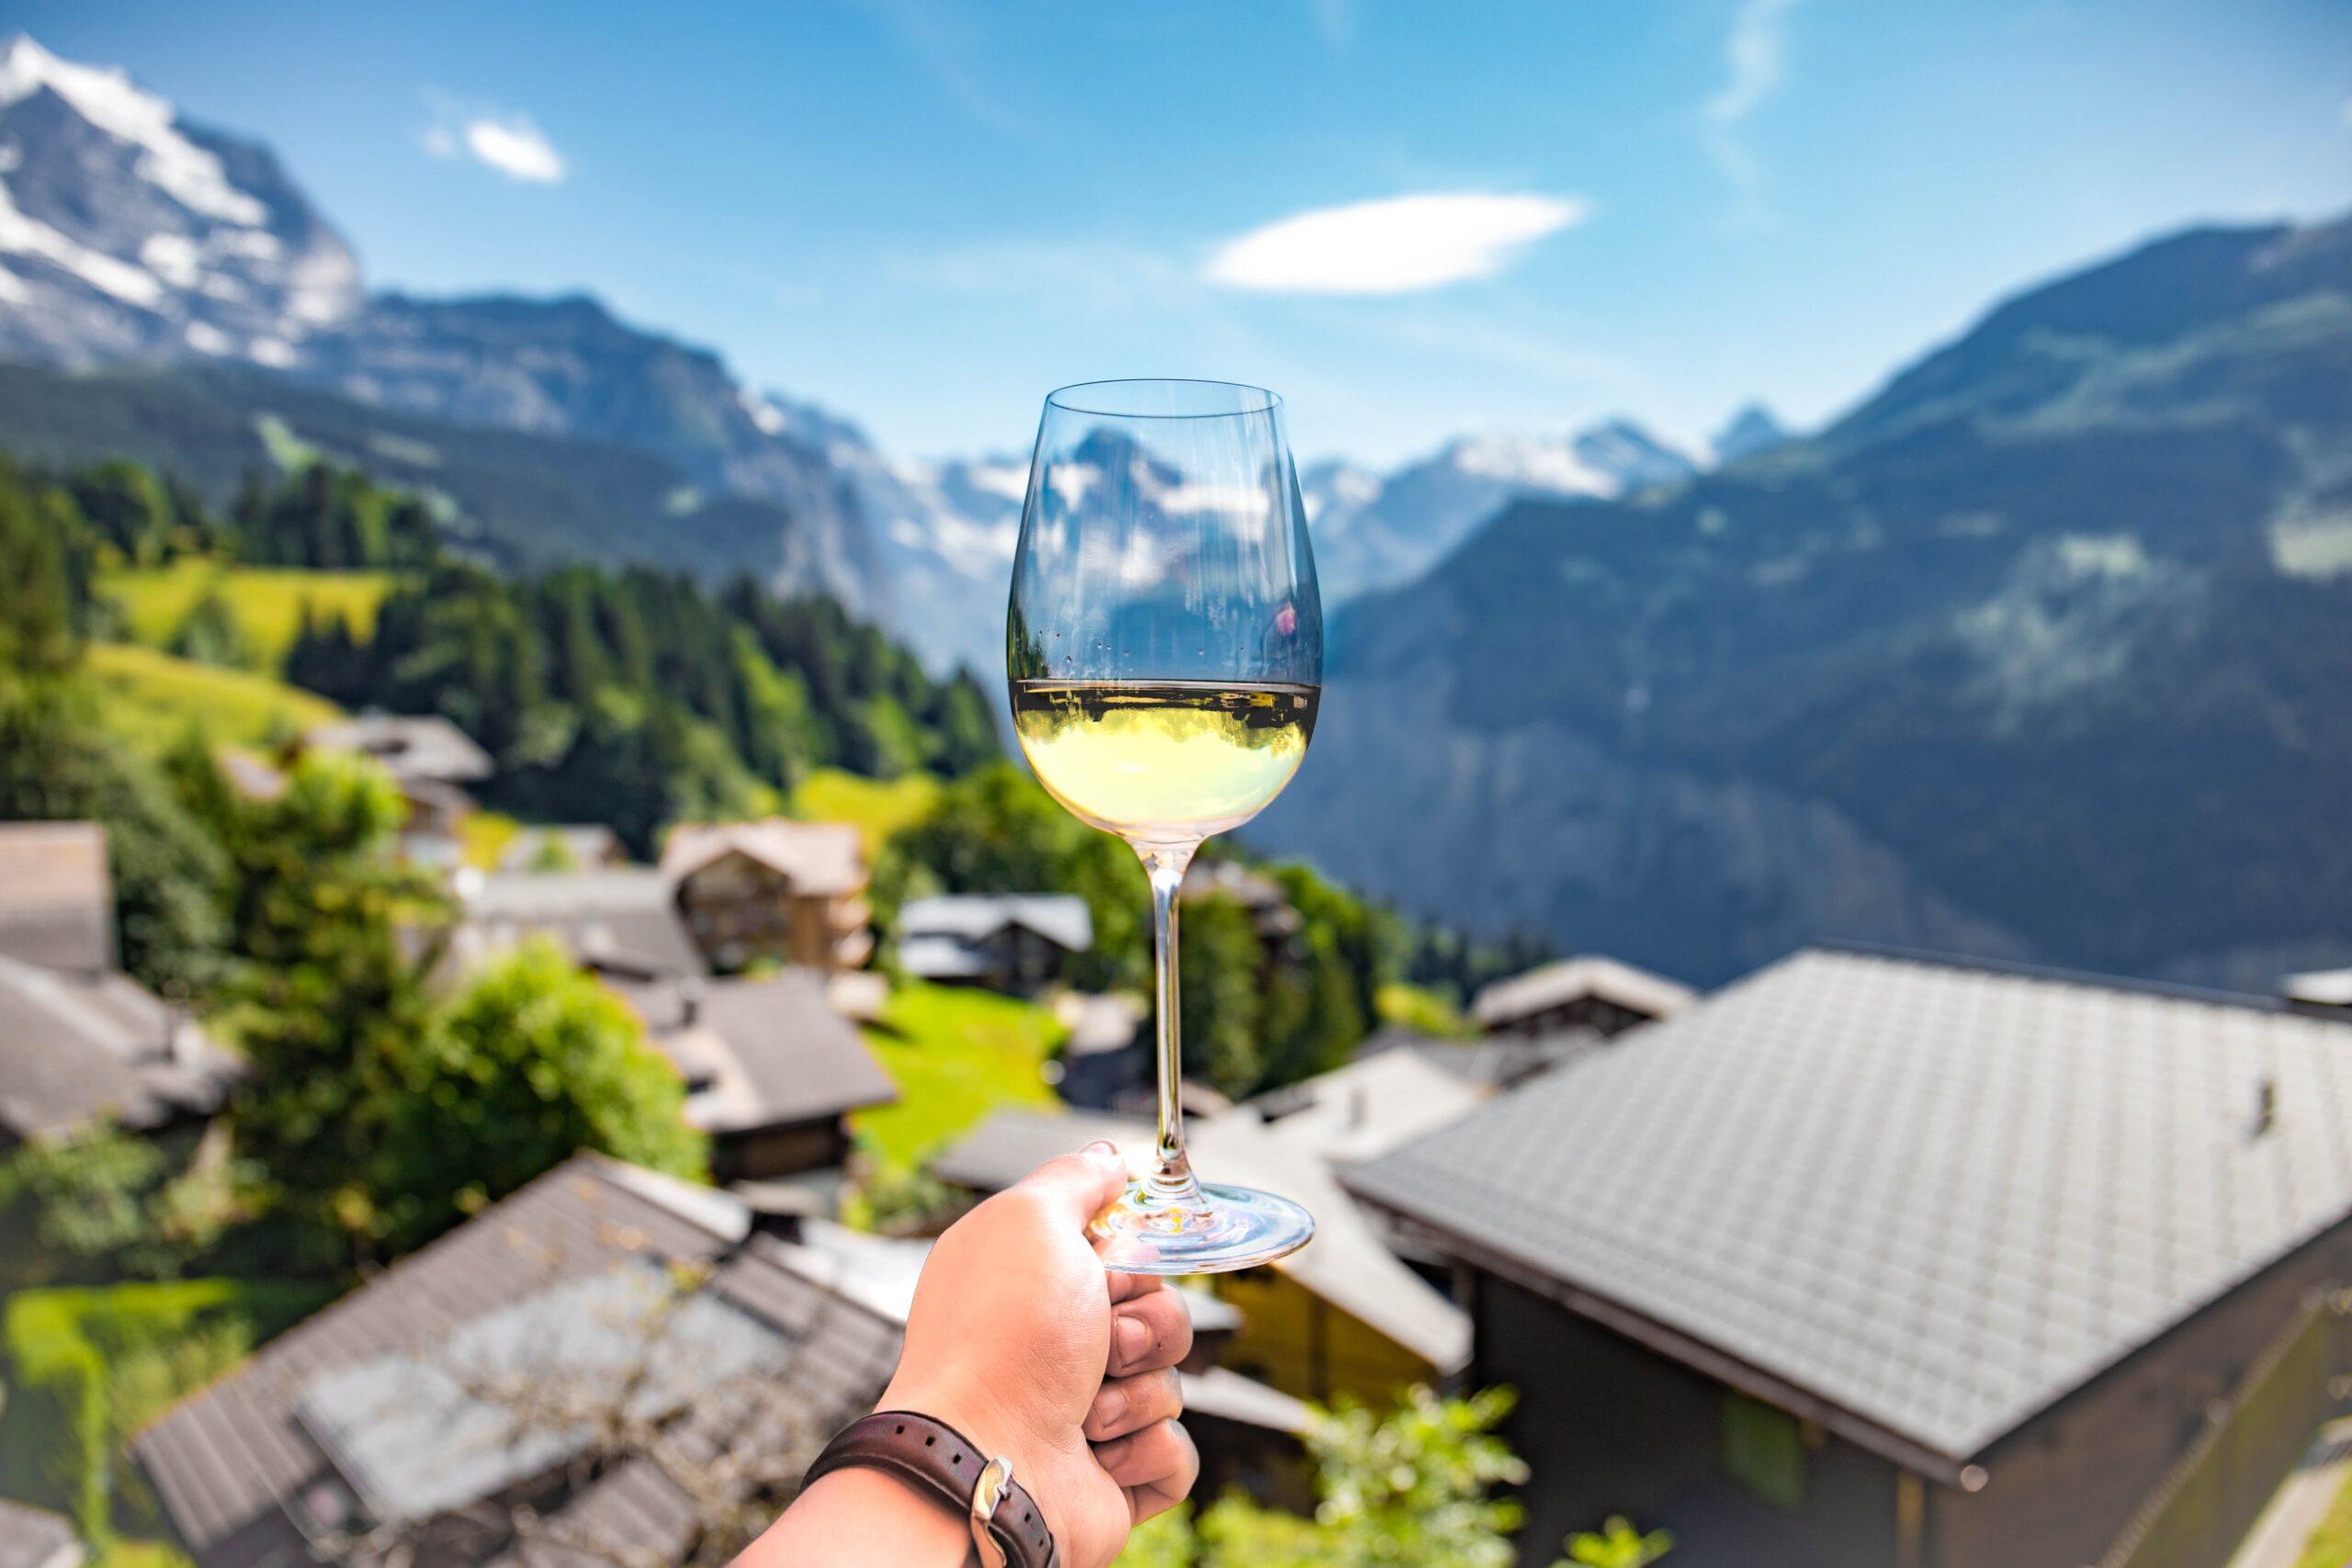 Hvidvin lavet på grønne druer